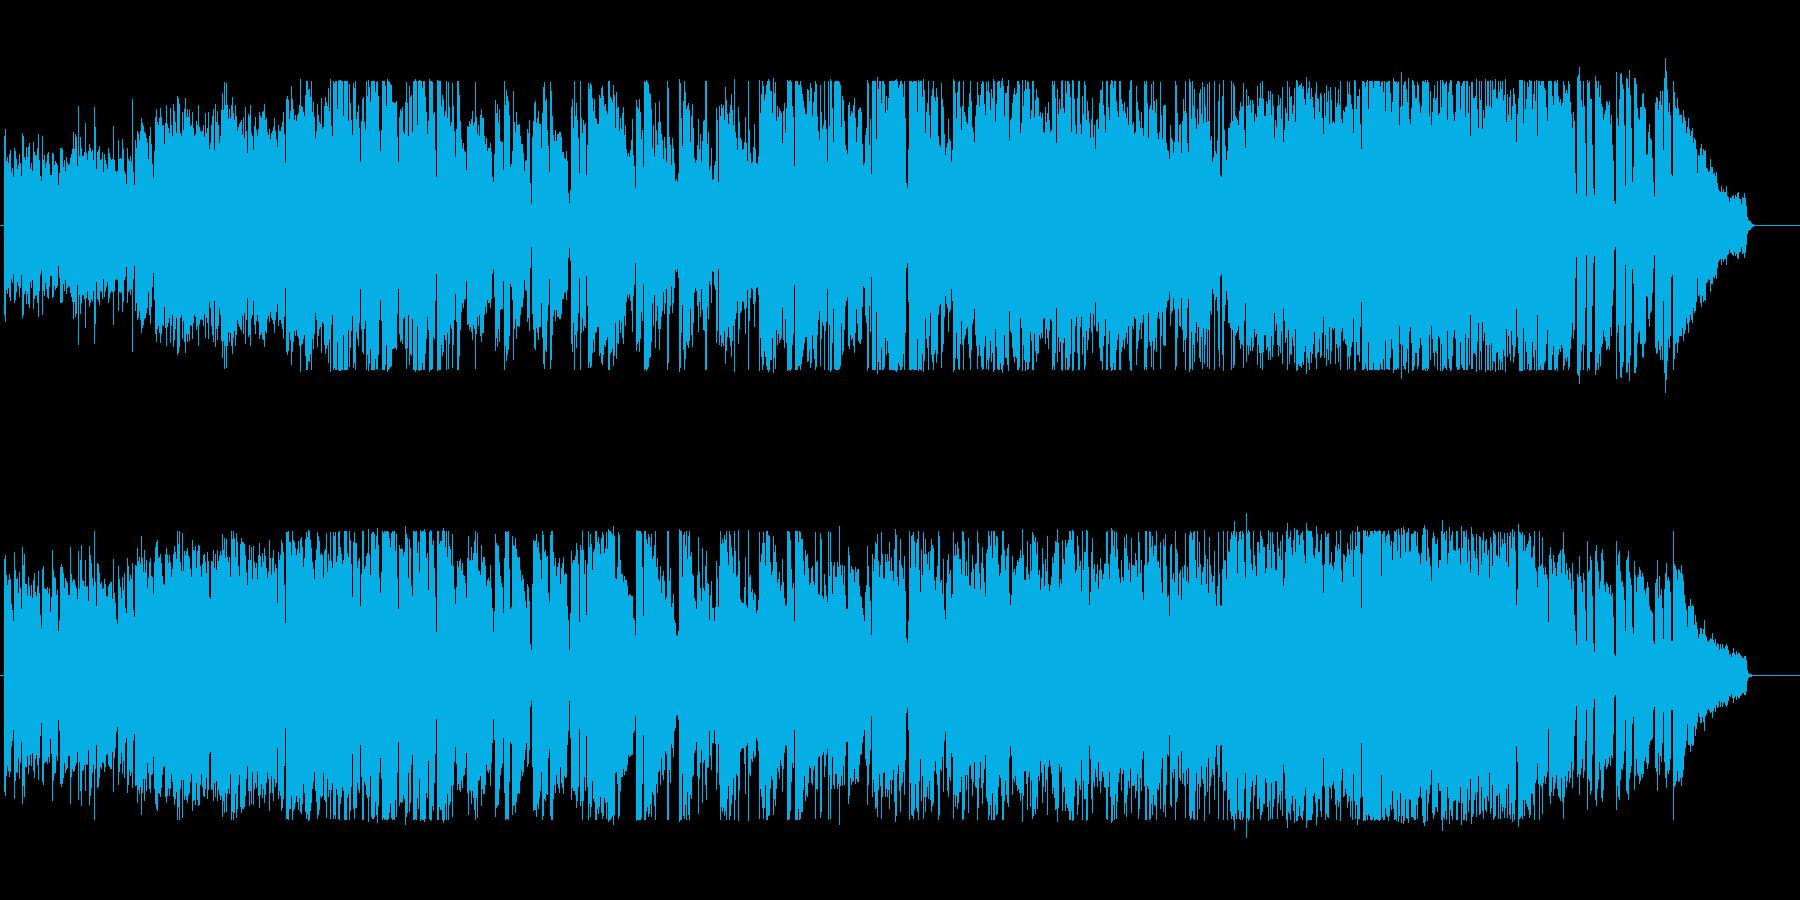 おしゃれな雰囲気 演奏感 フュージョンの再生済みの波形